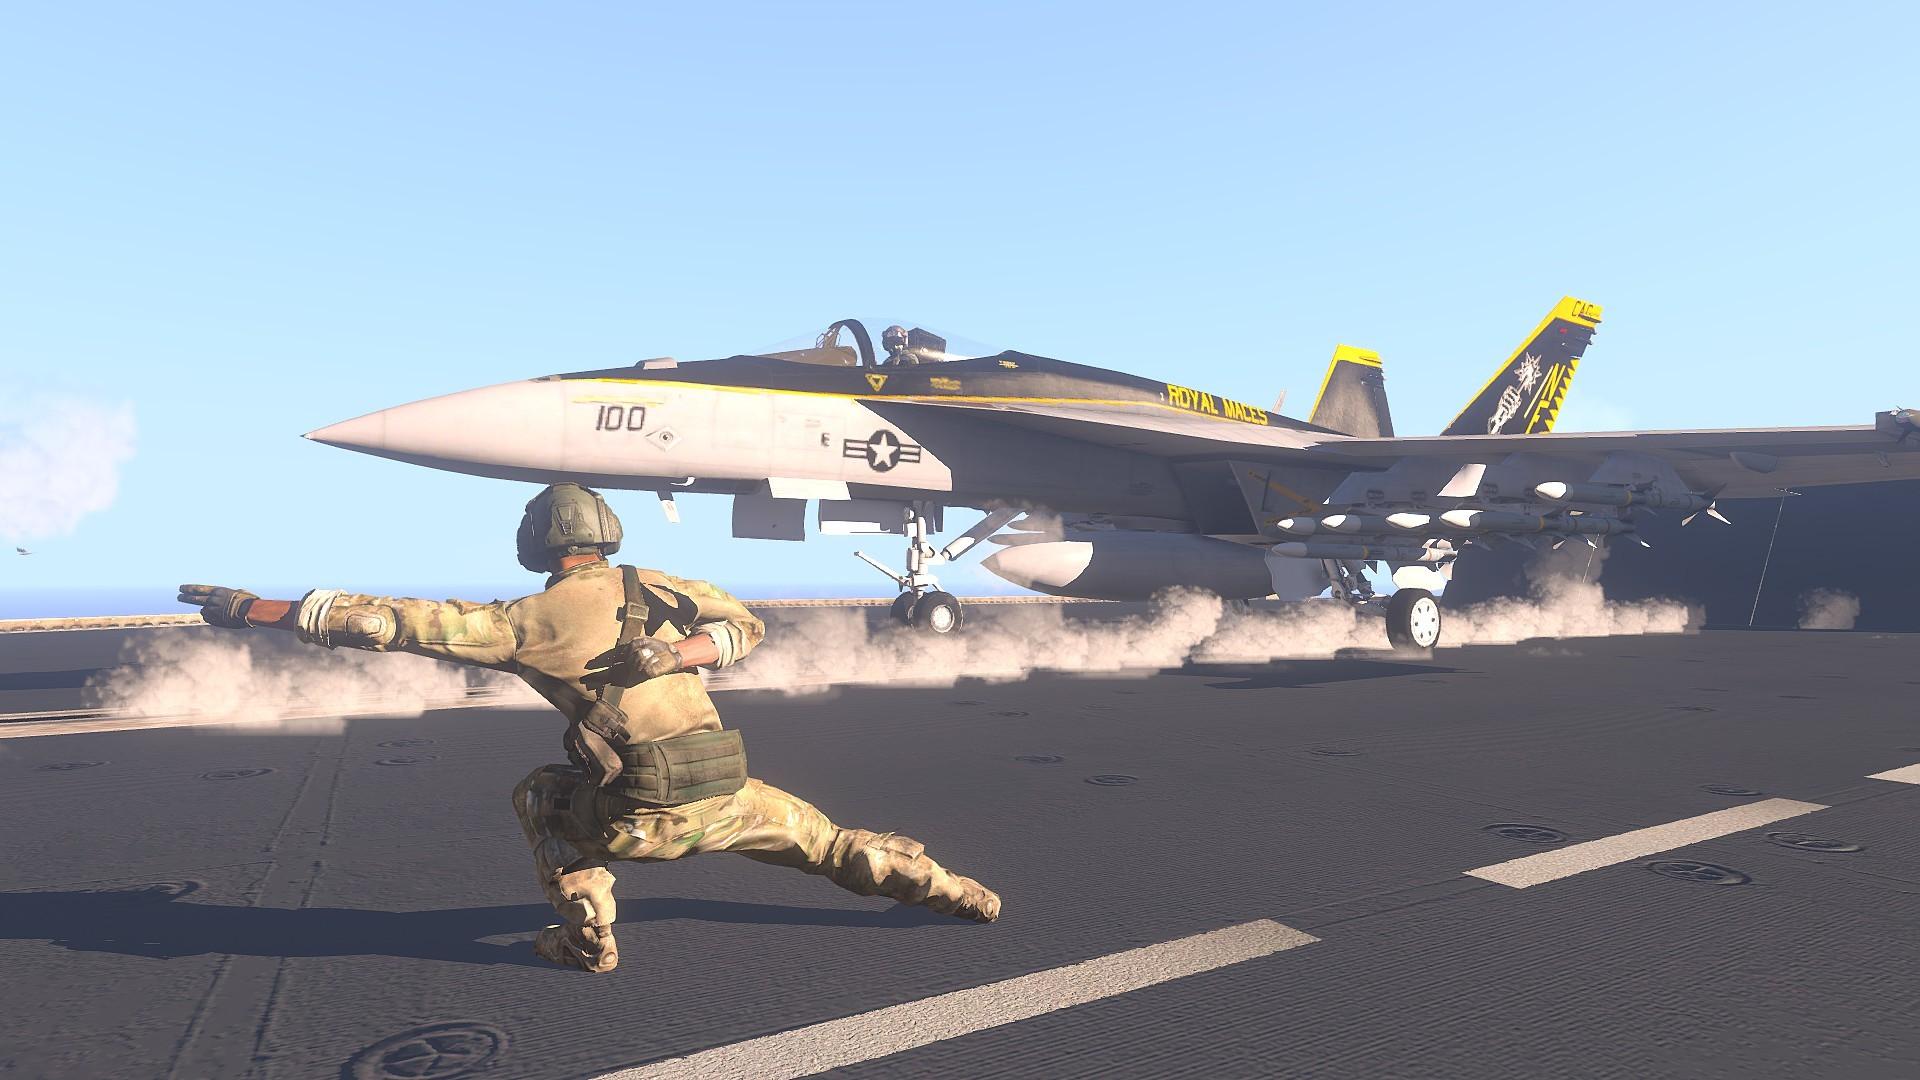 Fondos De Pantalla Vehículo Aeronave Militar